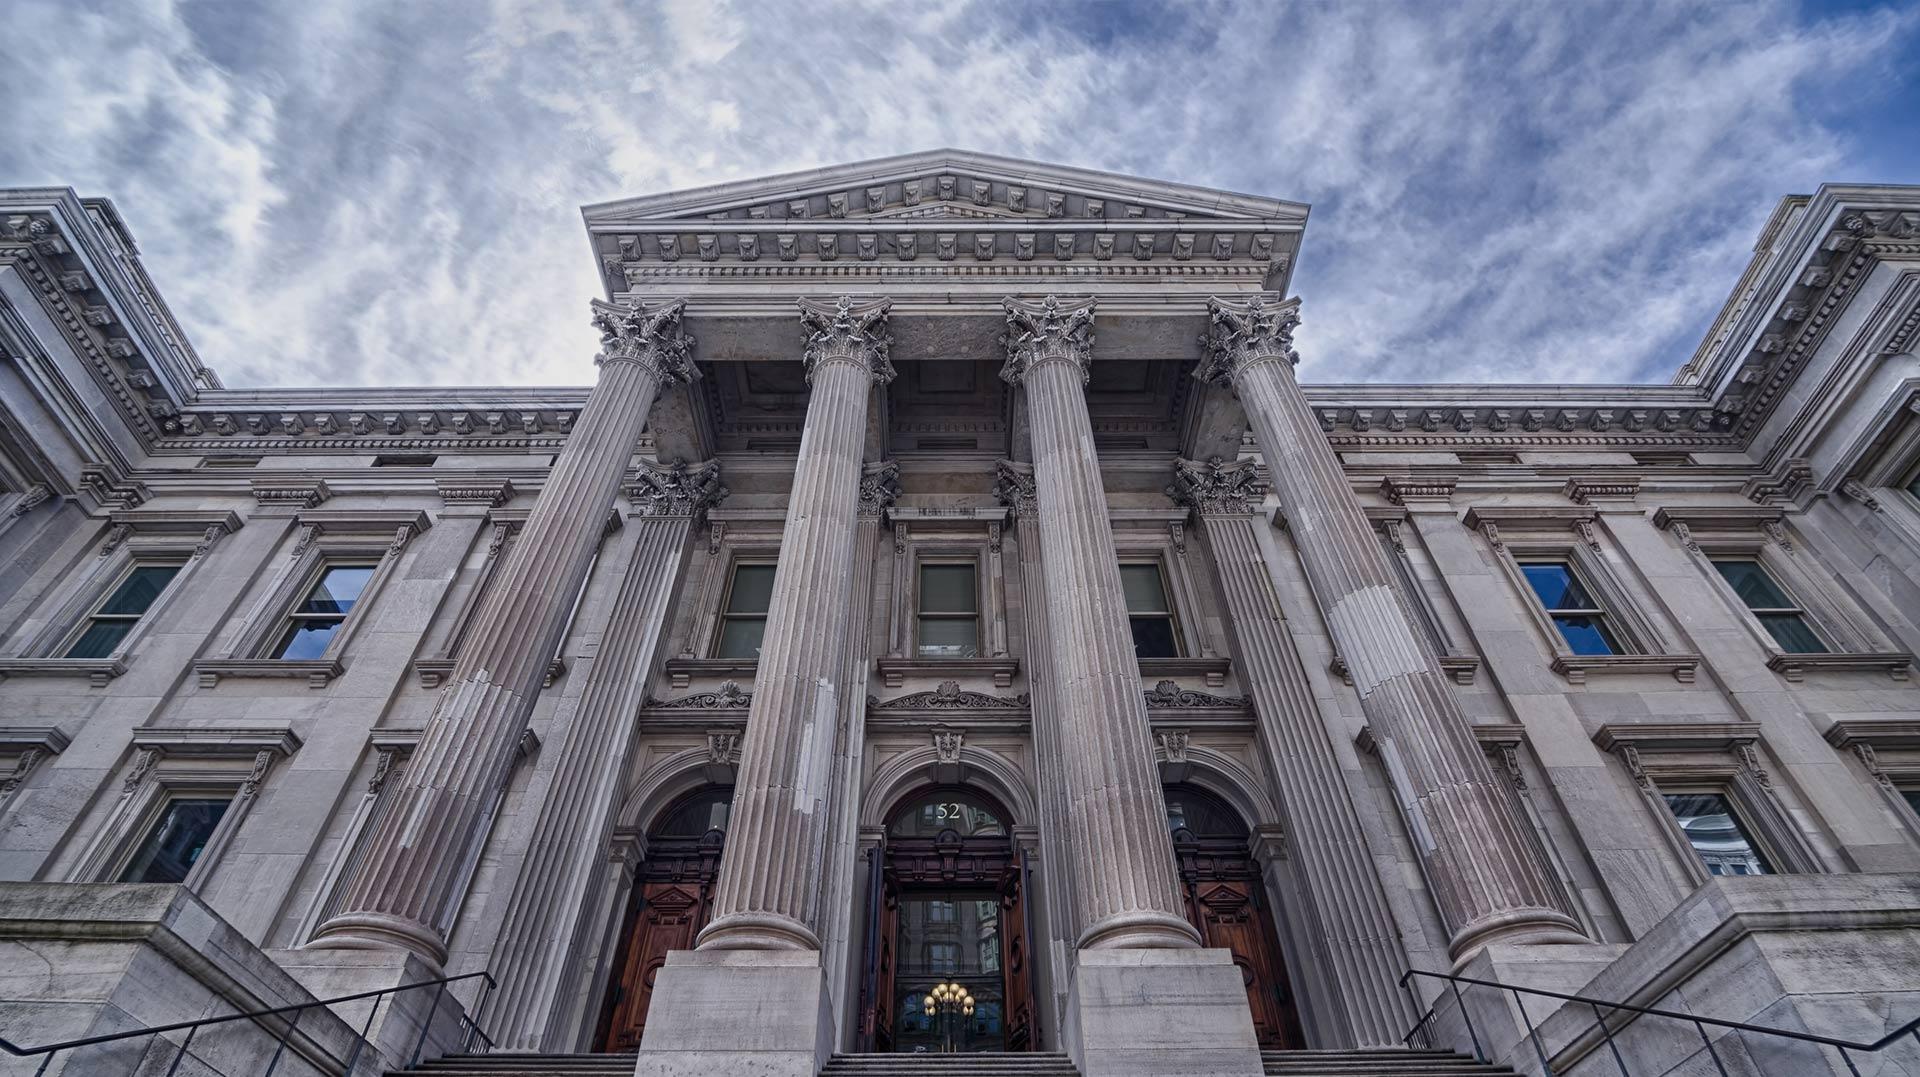 attività di consulenza e assistenza legale in materia di diritto penale